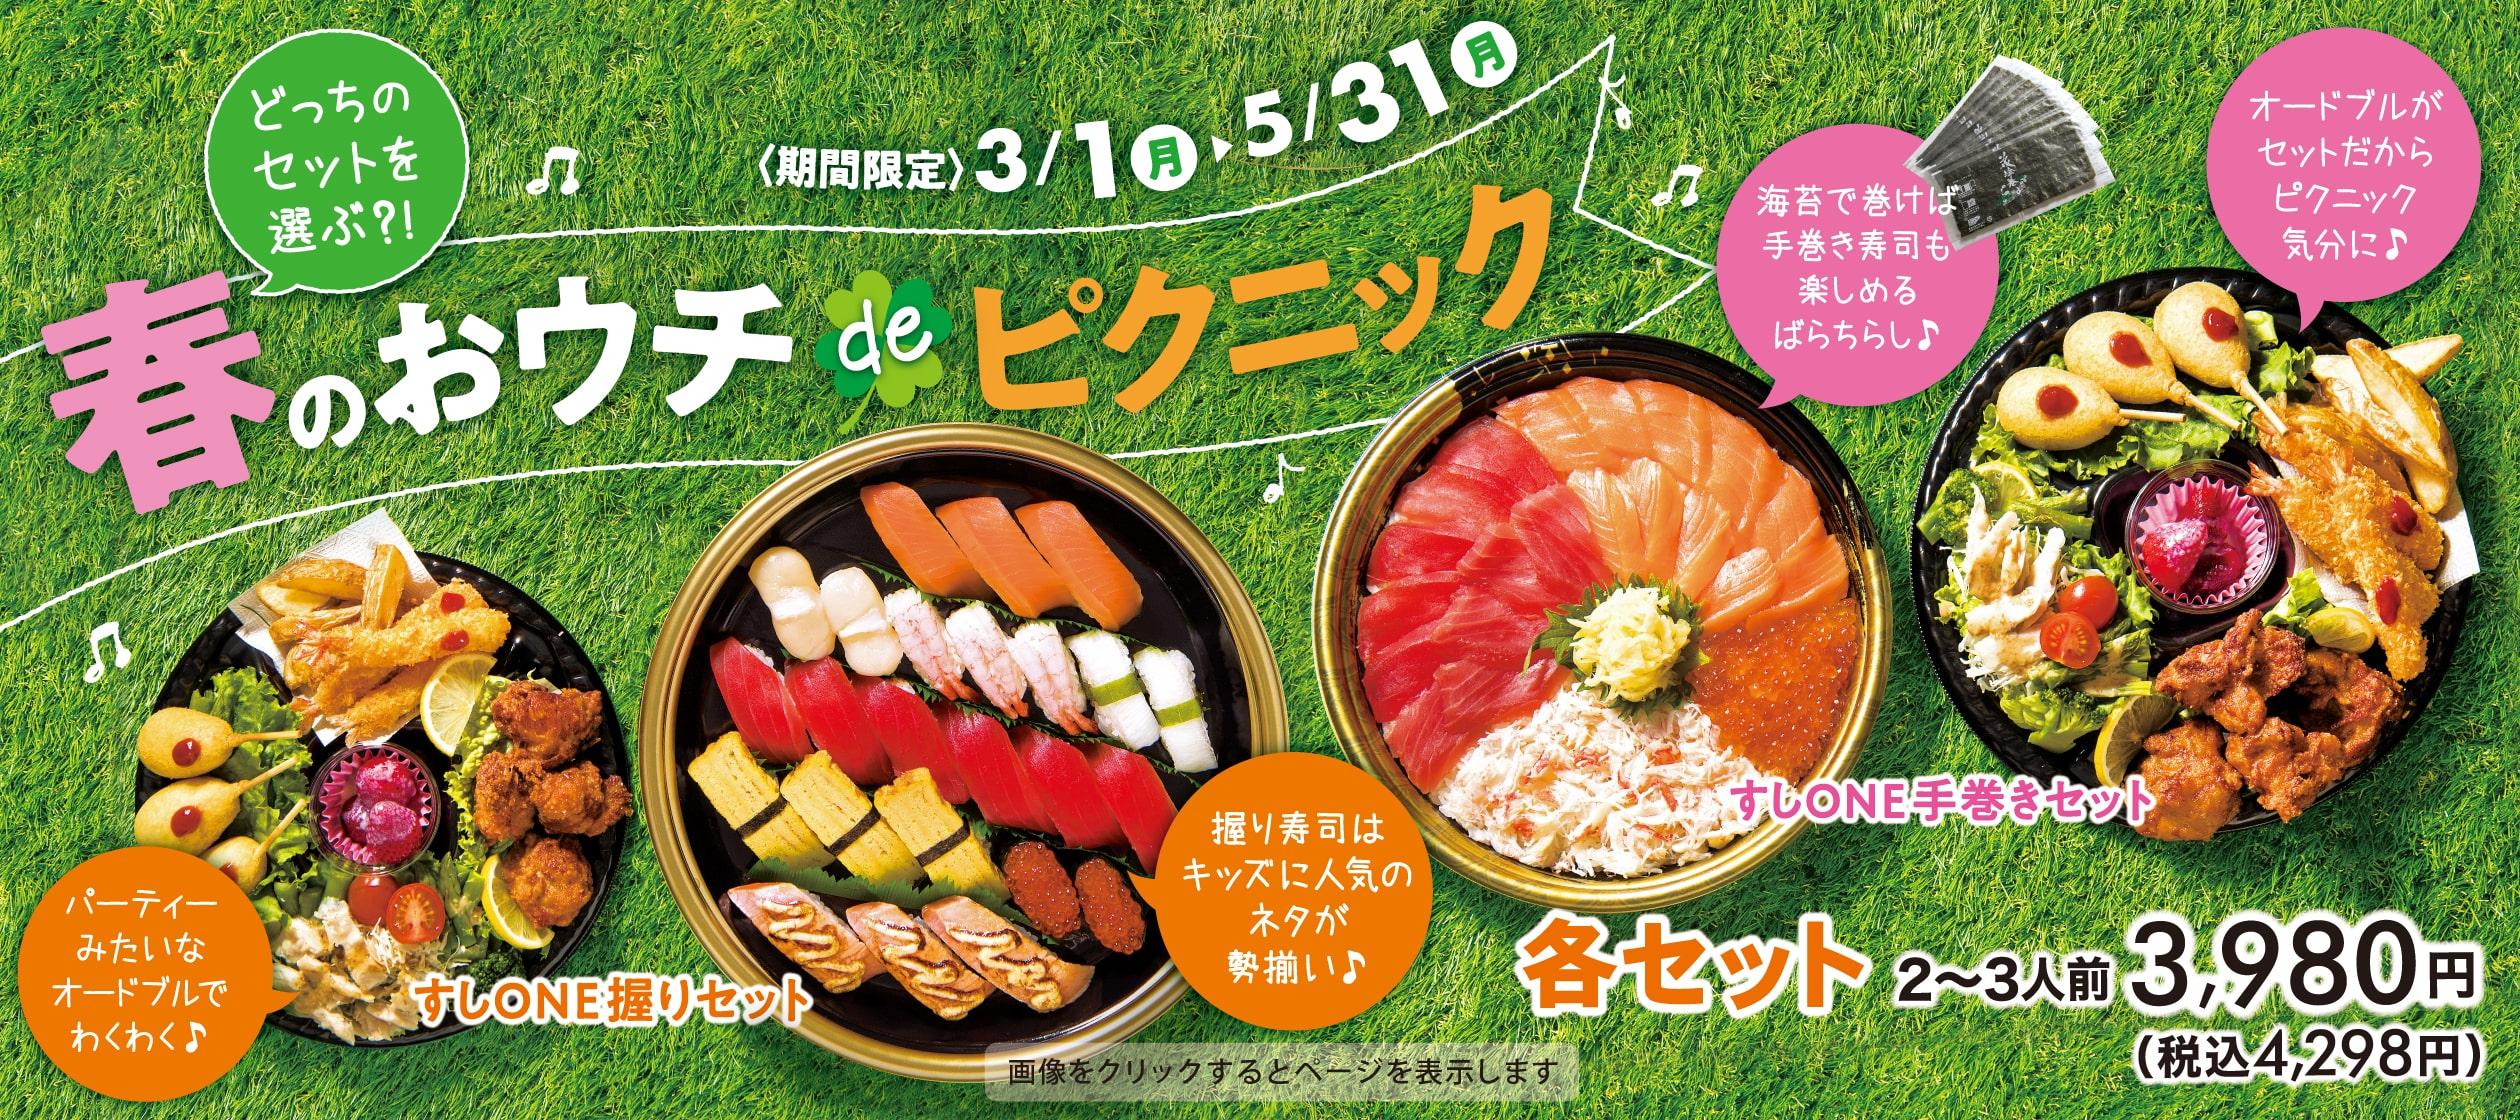 春のおウチdeピクニック(期間限定:3/1~5/31)